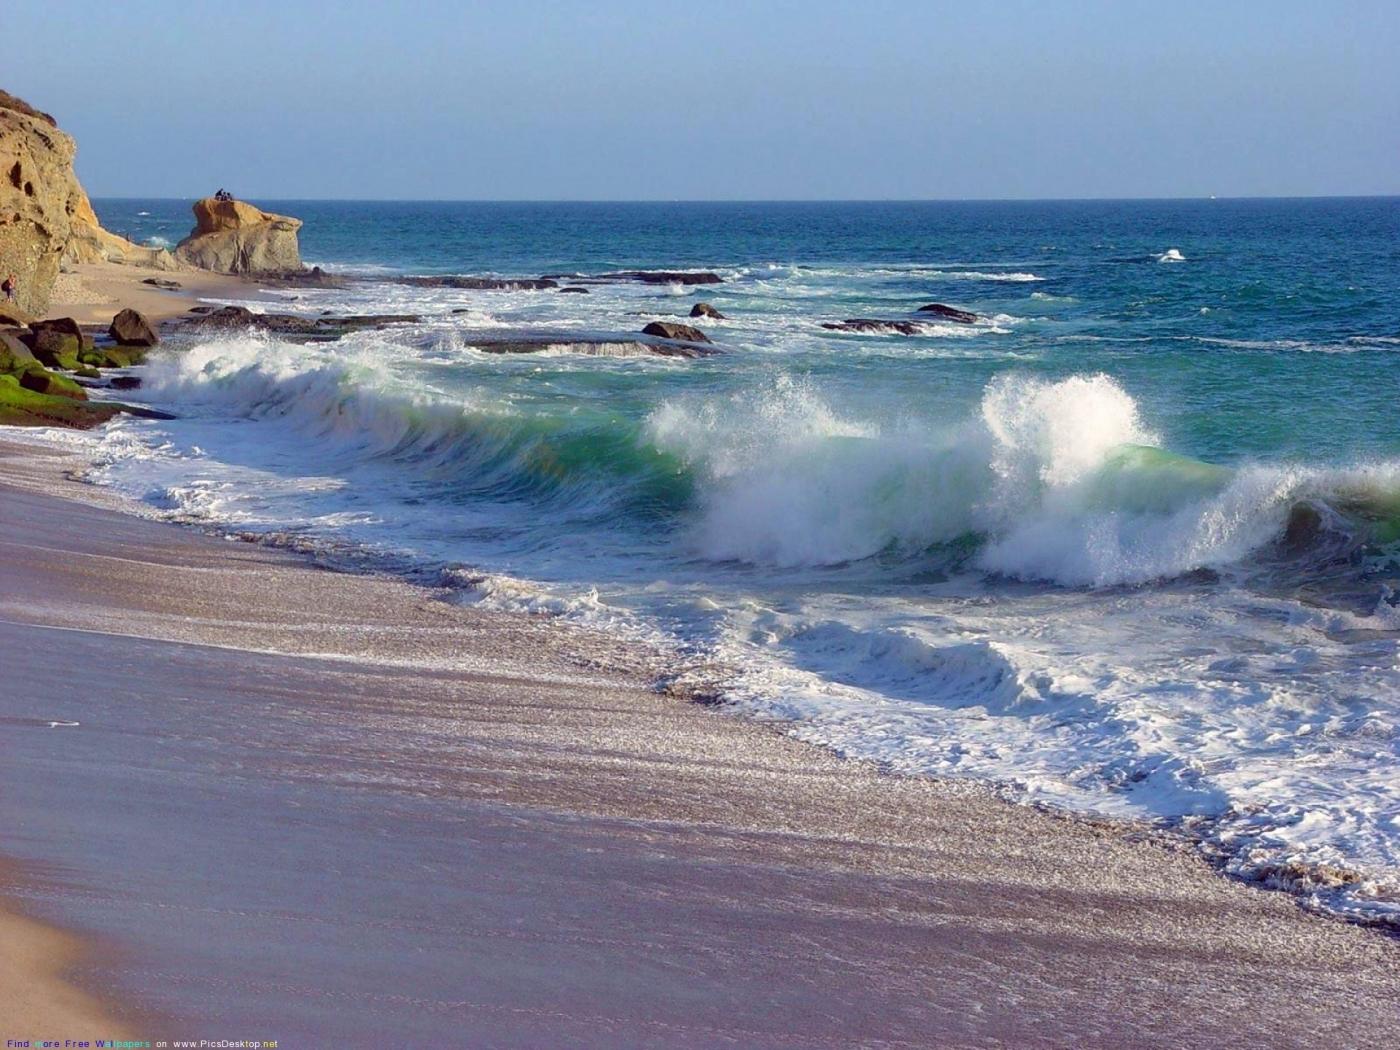 23289 скачать обои Пейзаж, Море, Волны, Пляж - заставки и картинки бесплатно